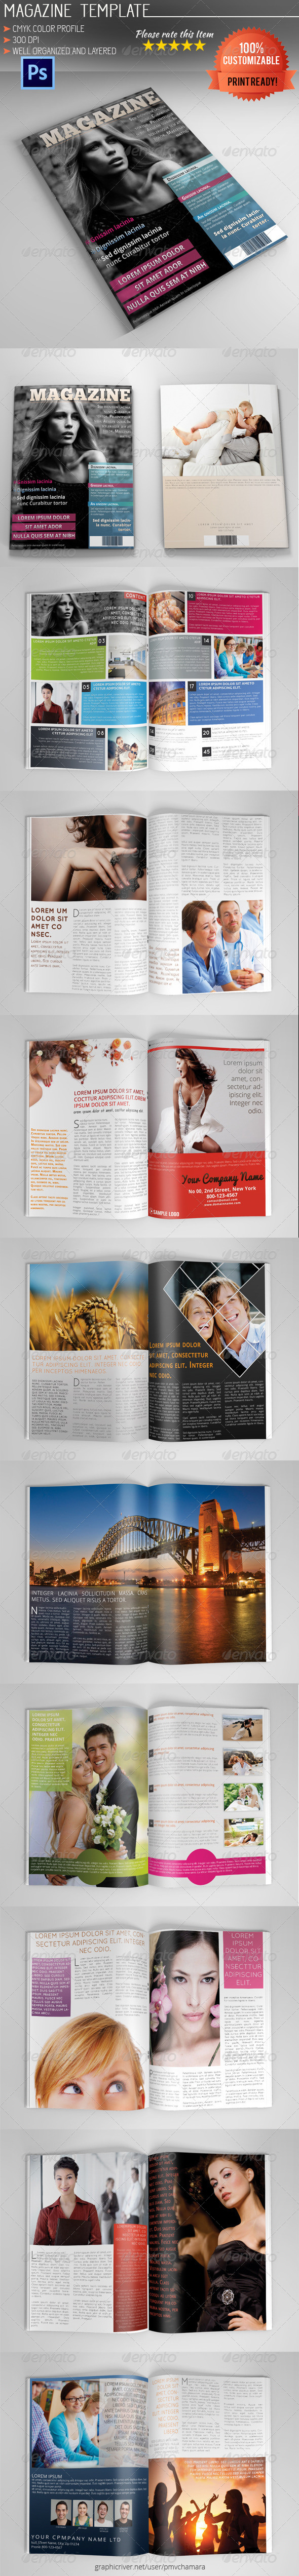 GraphicRiver Magazine Template Vol.1 5135629